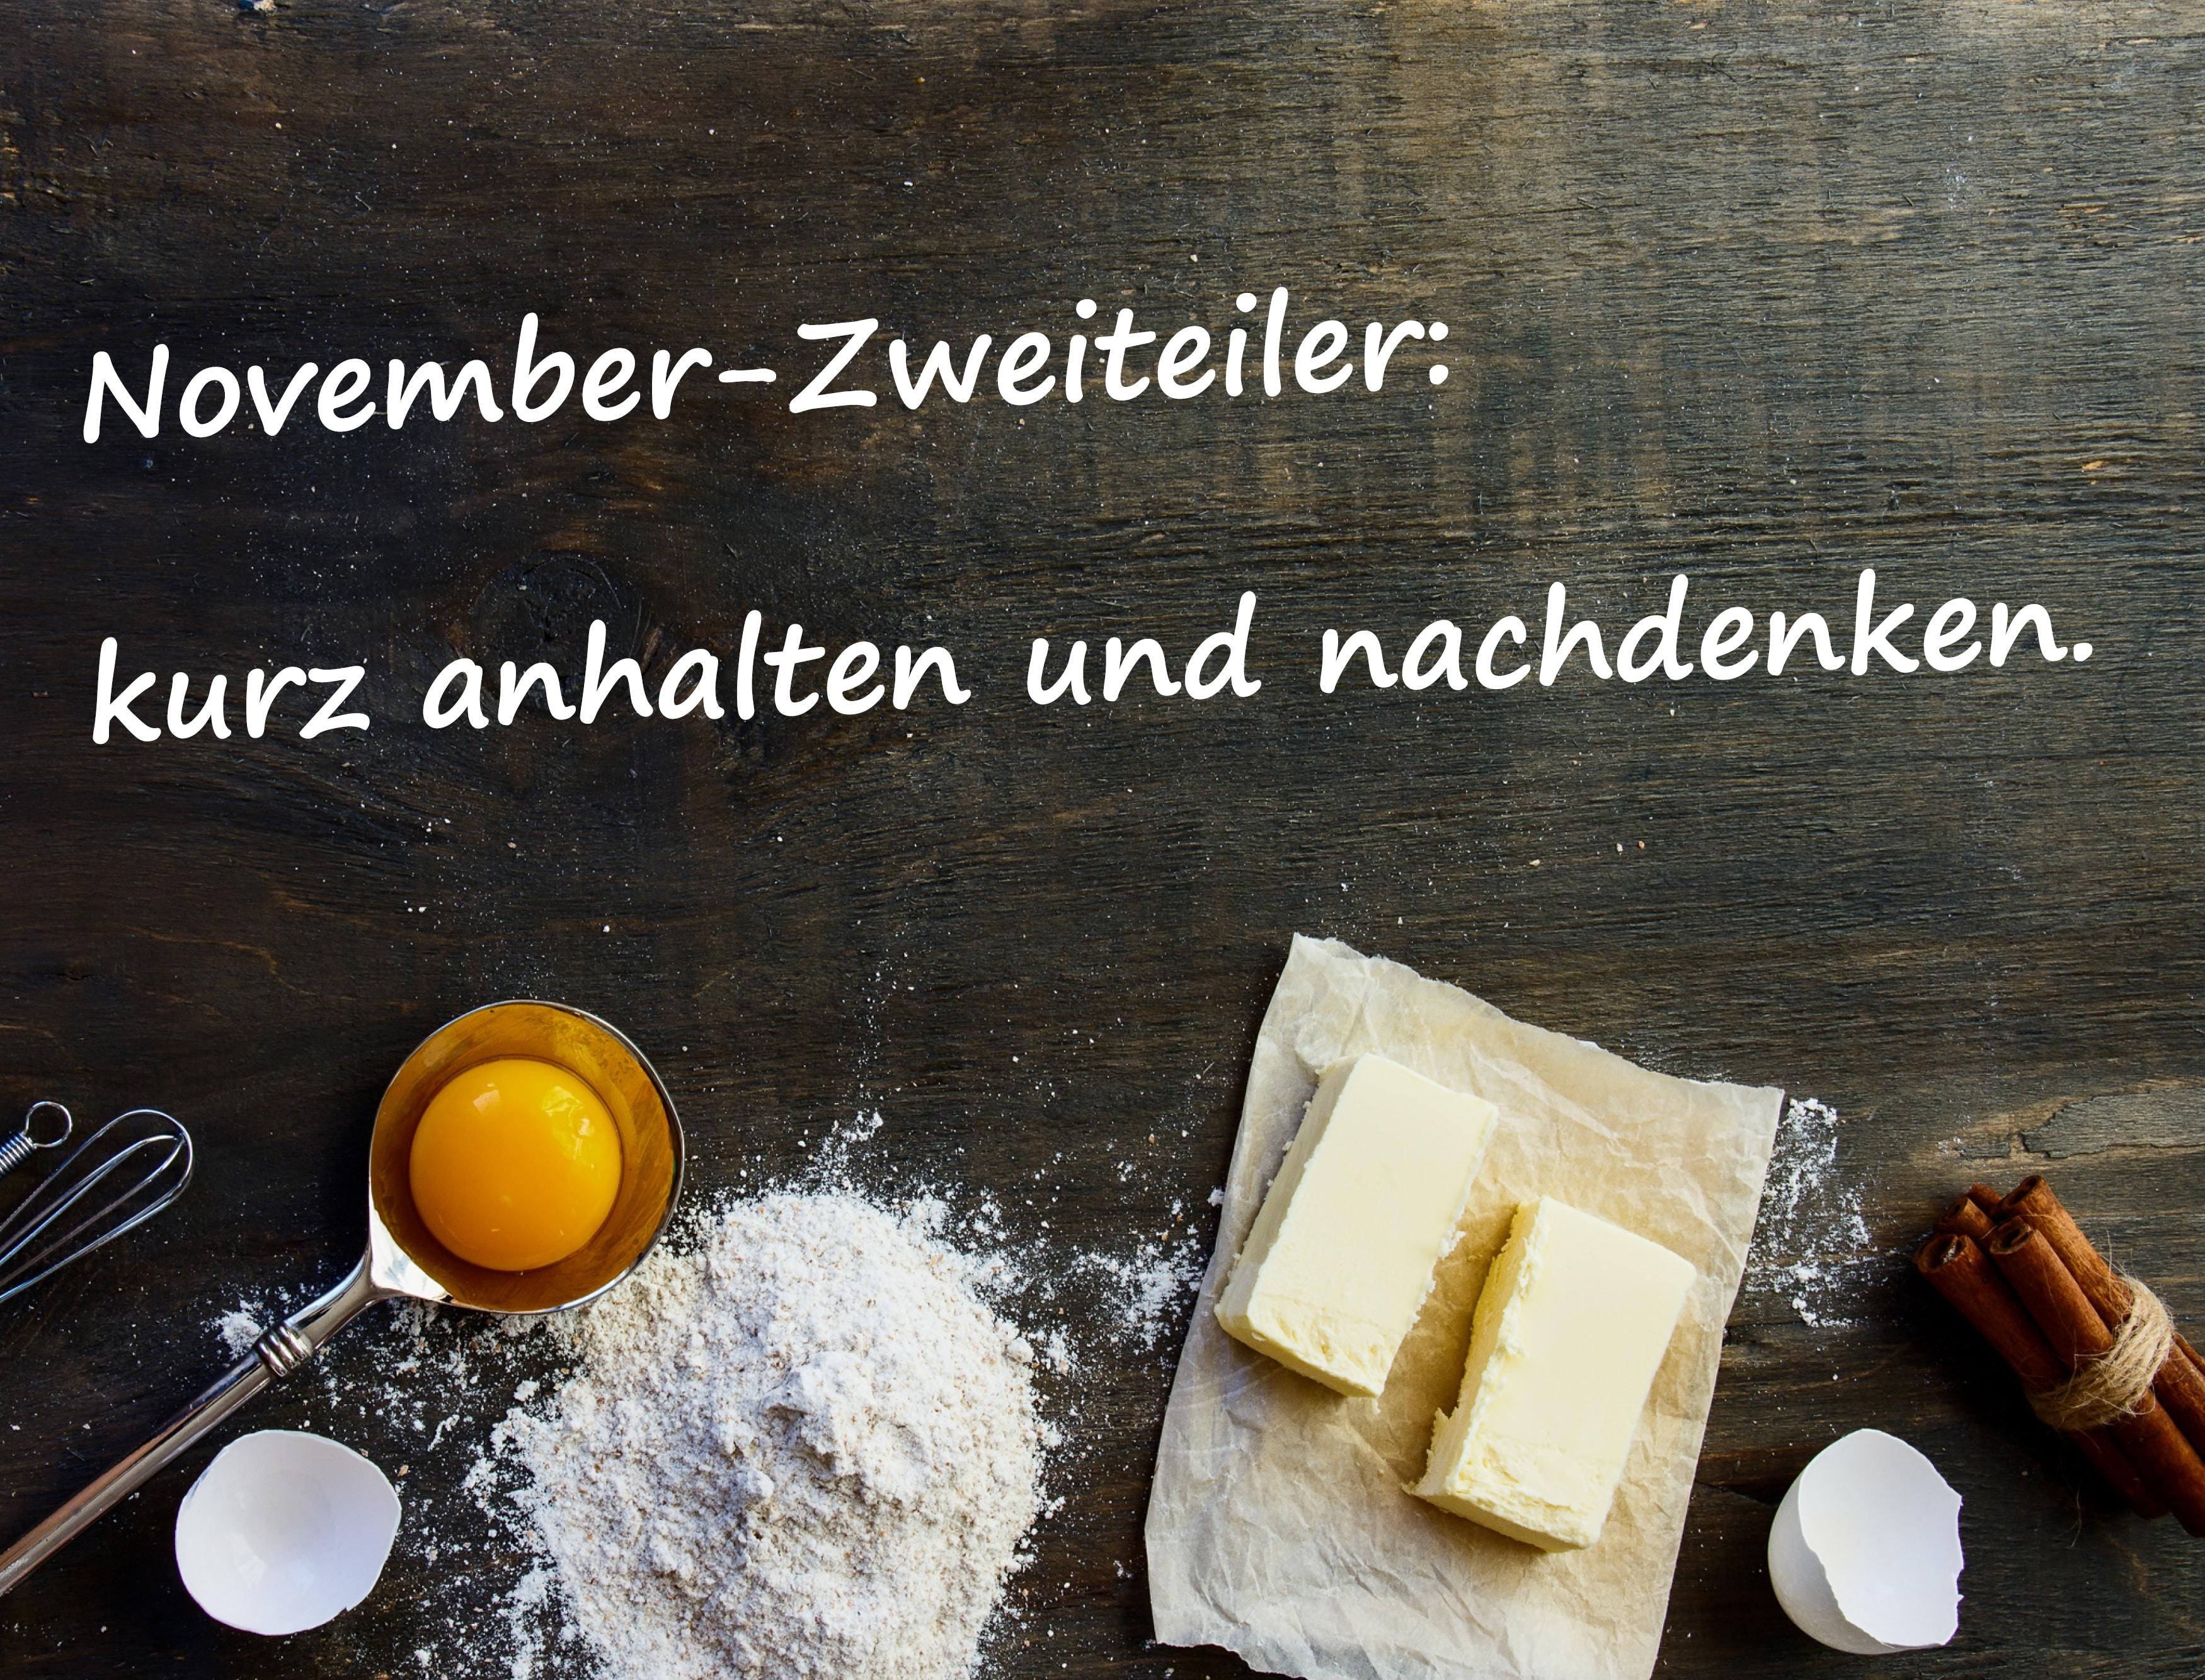 Tolle Schaffen Küchen Rutherglen Fotos - Ideen Für Die Küche ...